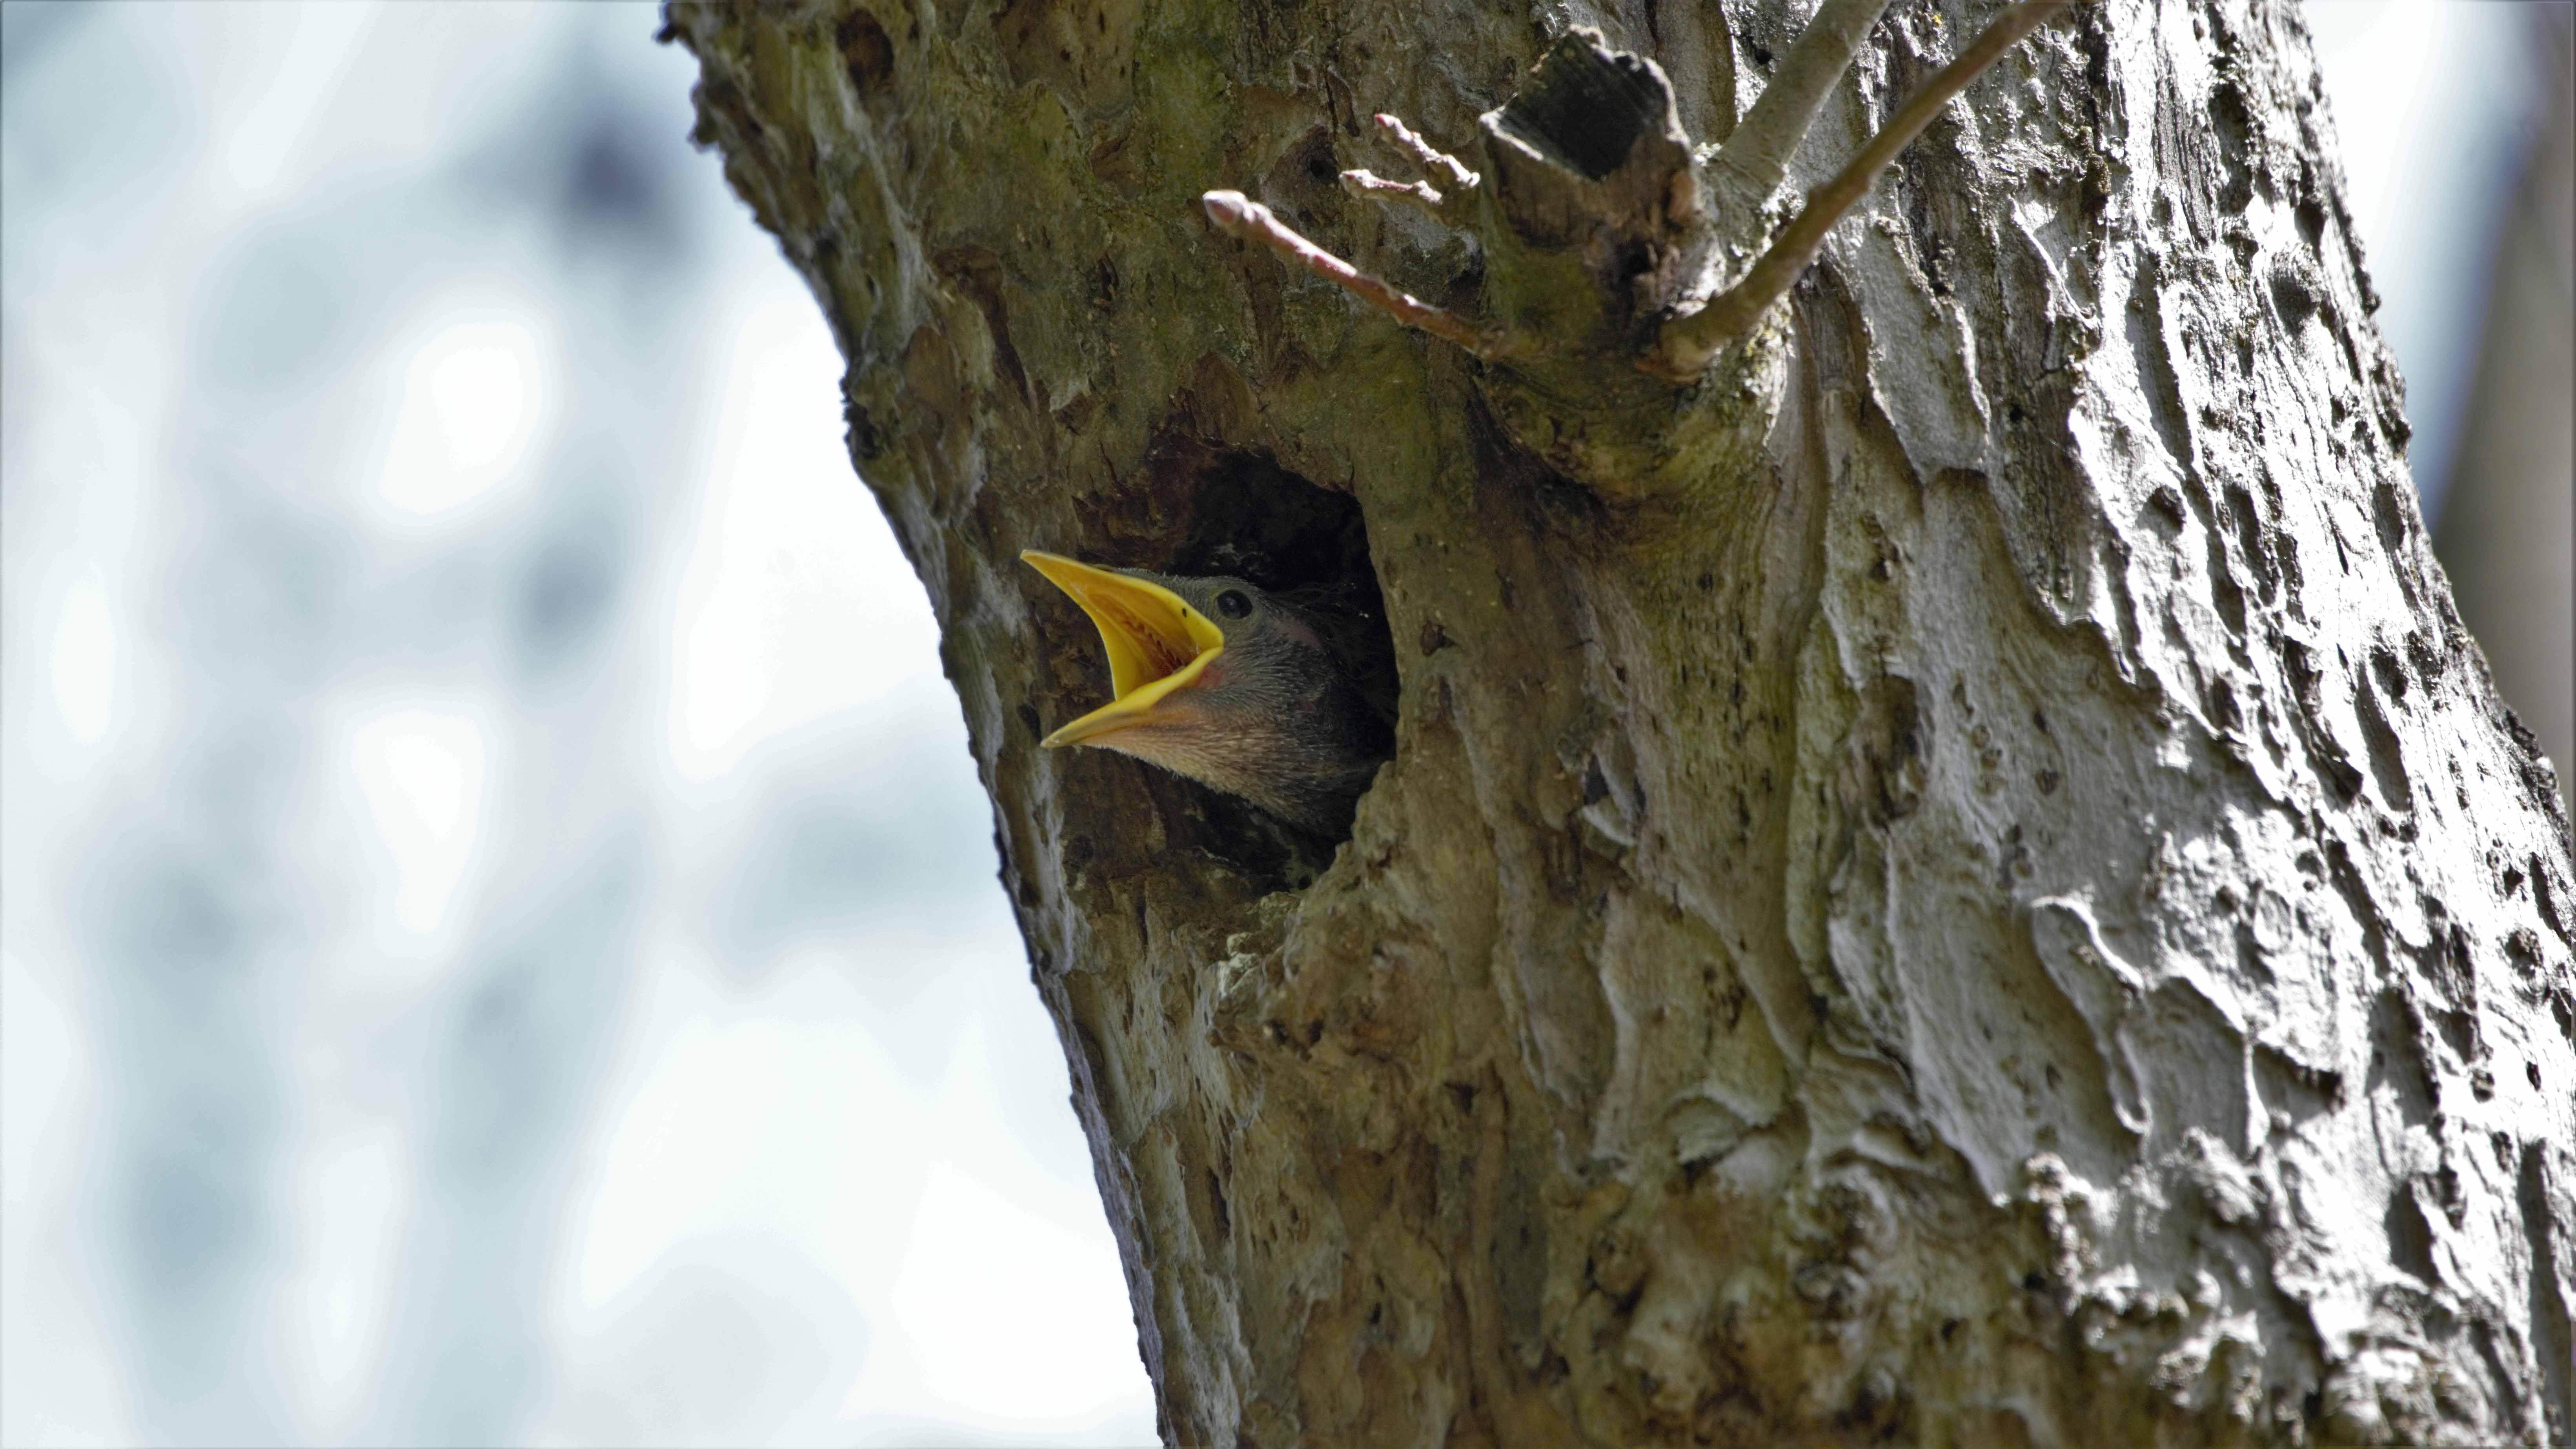 Common Starling (baby), Star, Sturnus vulgaris